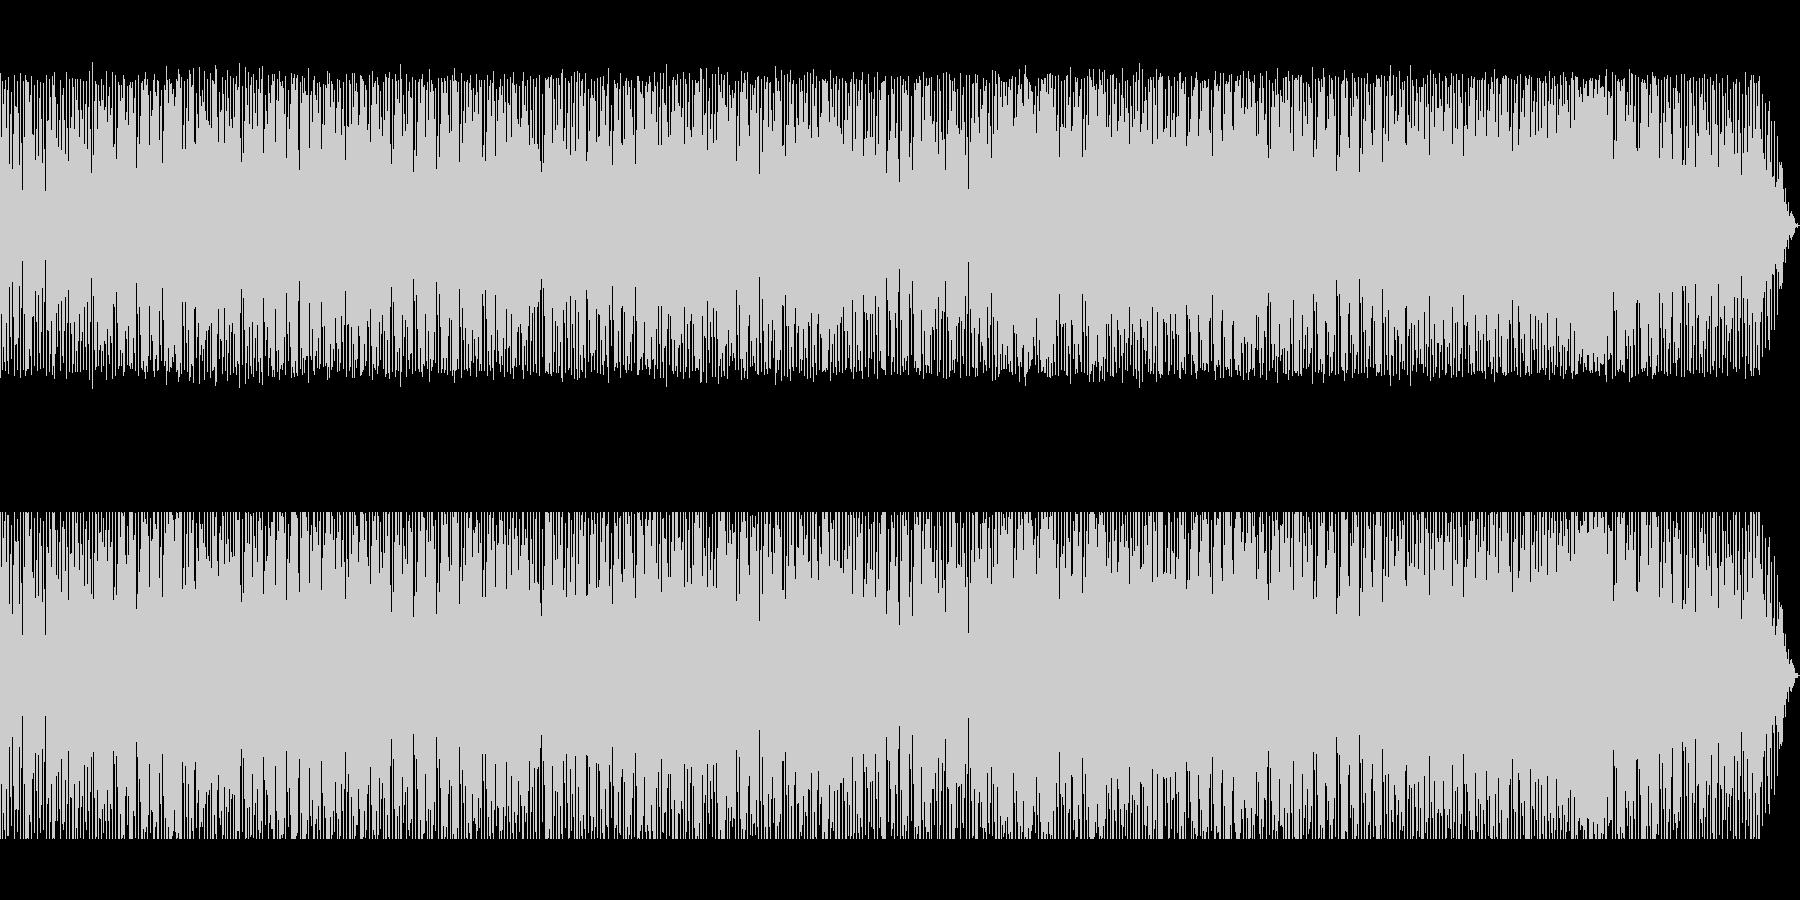 虚無僧の尺八をイメージしたヒップホップの未再生の波形